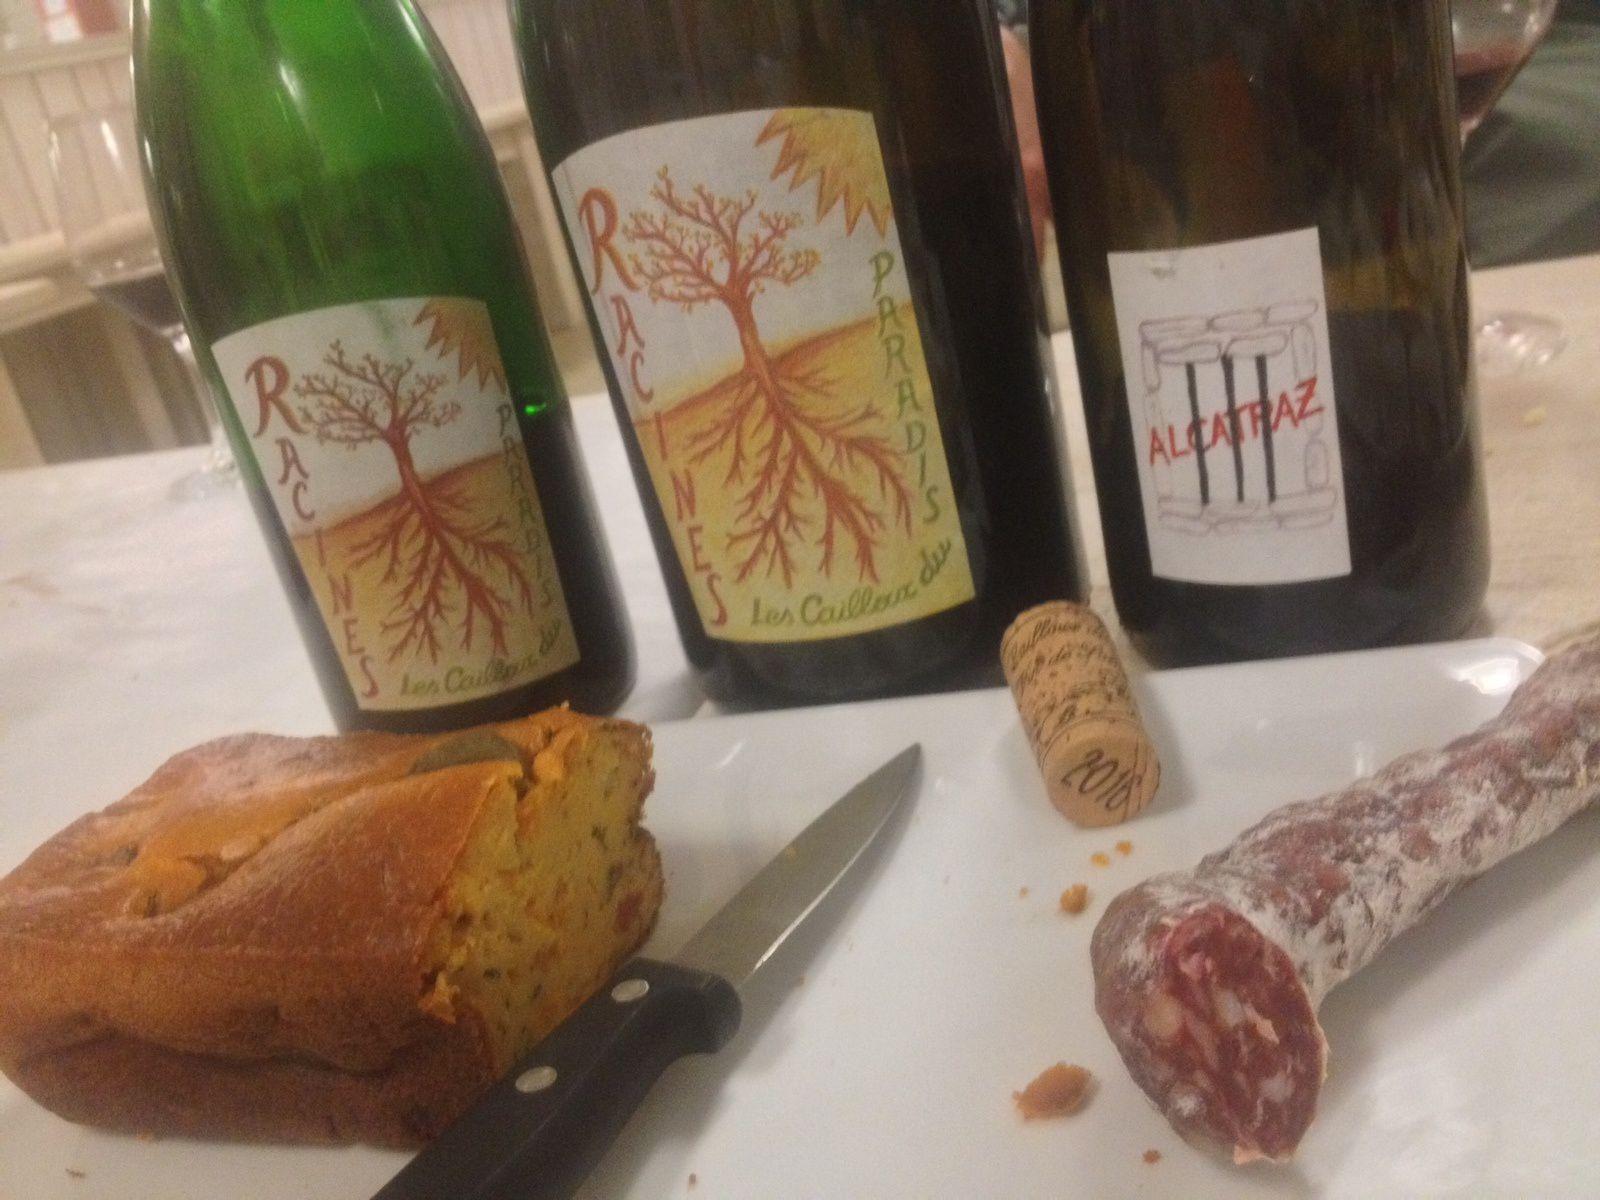 Les vins naturels peuvent être de garde, la preuve par Courtois ...